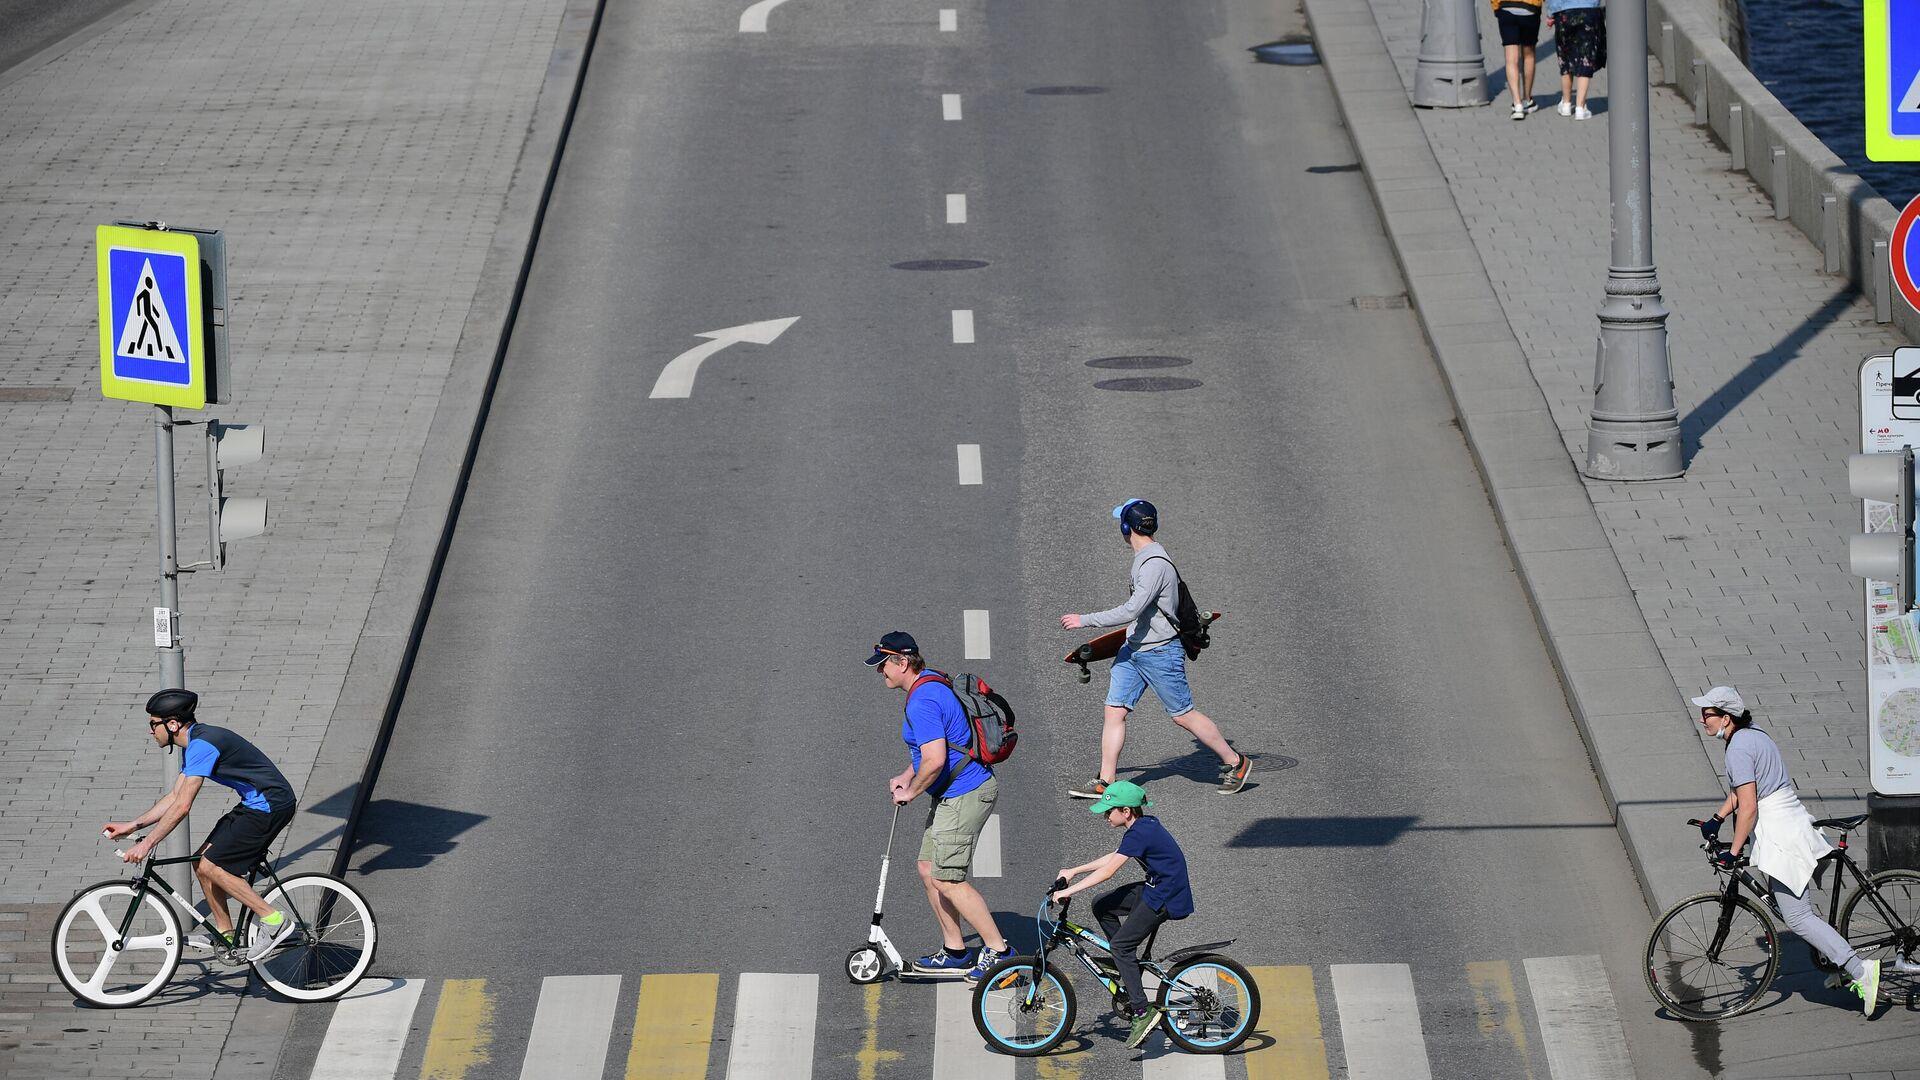 Люди пересекают дорогу по пешеходному переходу в Москве - РИА Новости, 1920, 13.09.2021